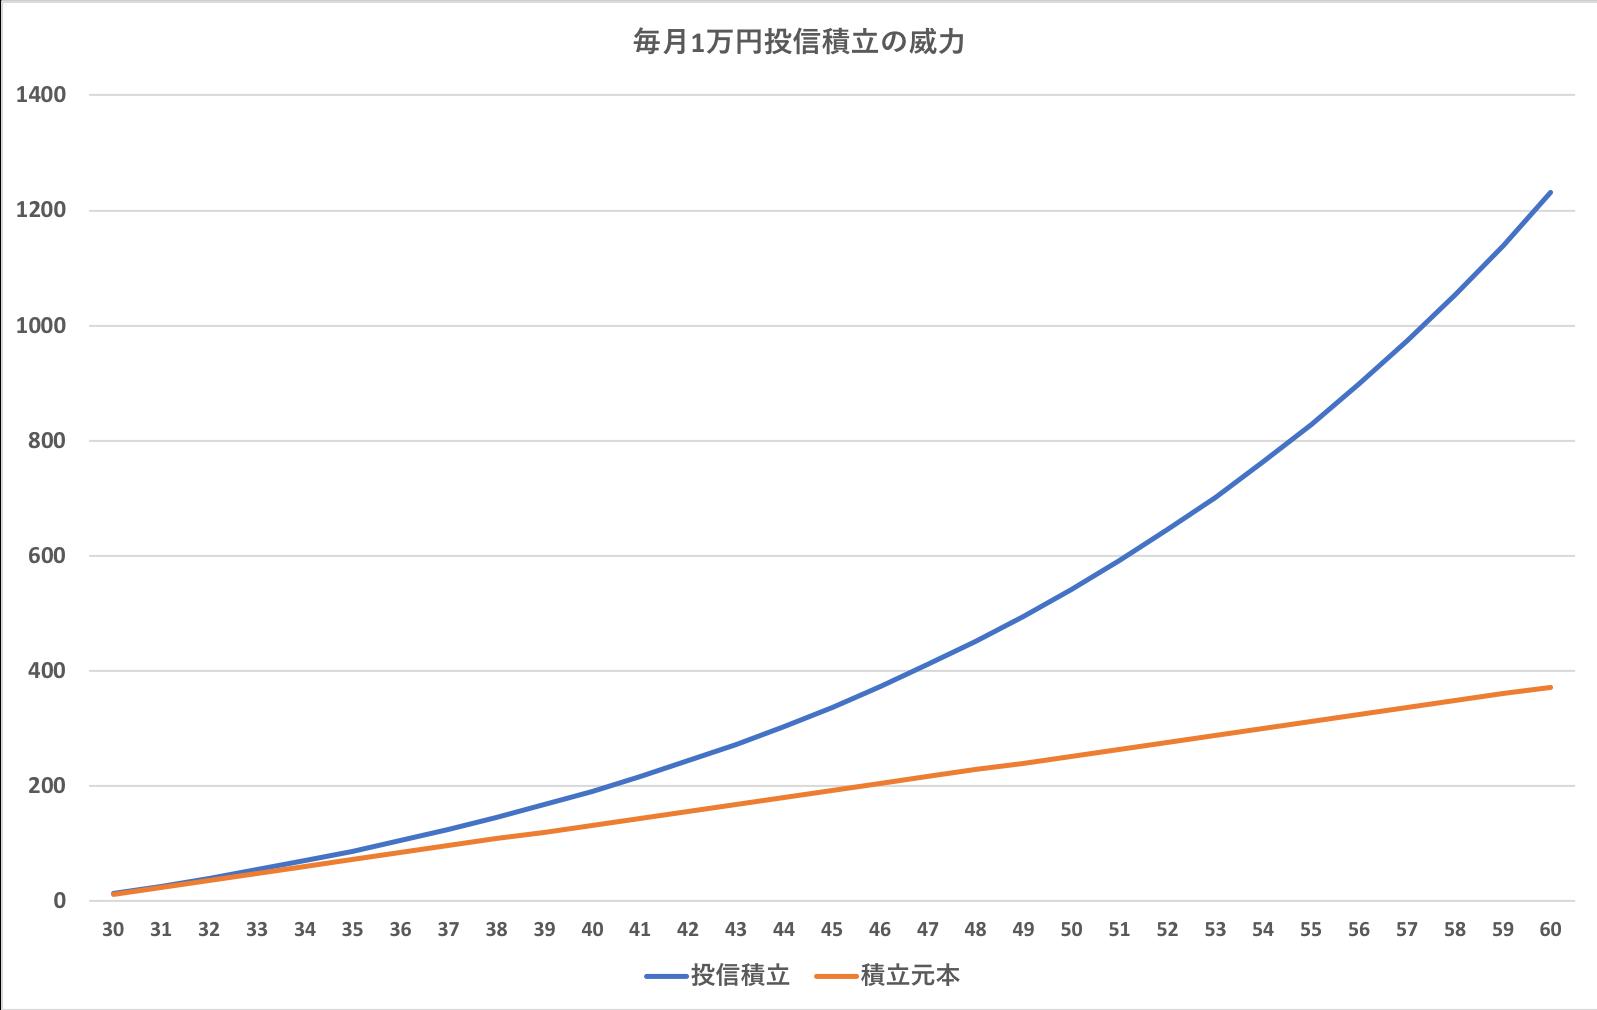 毎月1万円投信積立で形成できる資産